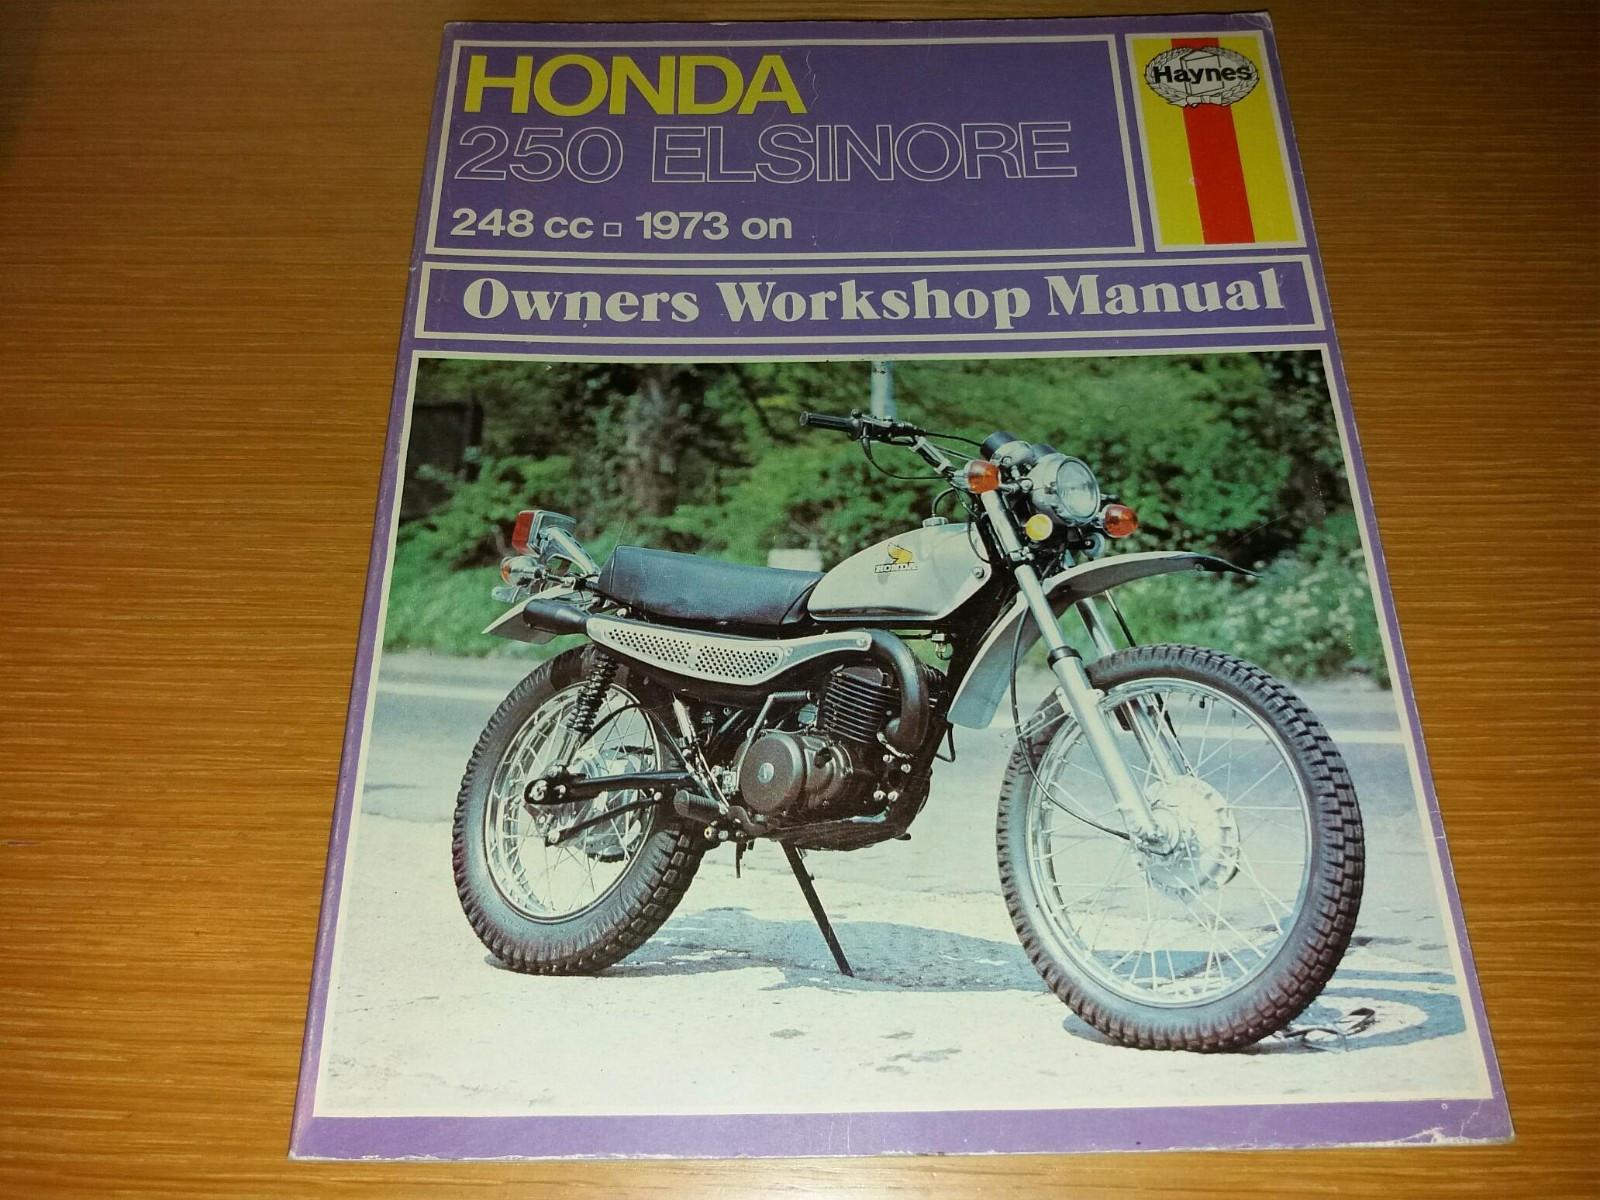 1973 Honda 250 Elsinore Haynes - Mosby  - Meget fin verksted manual fra 1975 Kjekk og ha til du får tak på en slik. Selges kr 290.- - Mosby